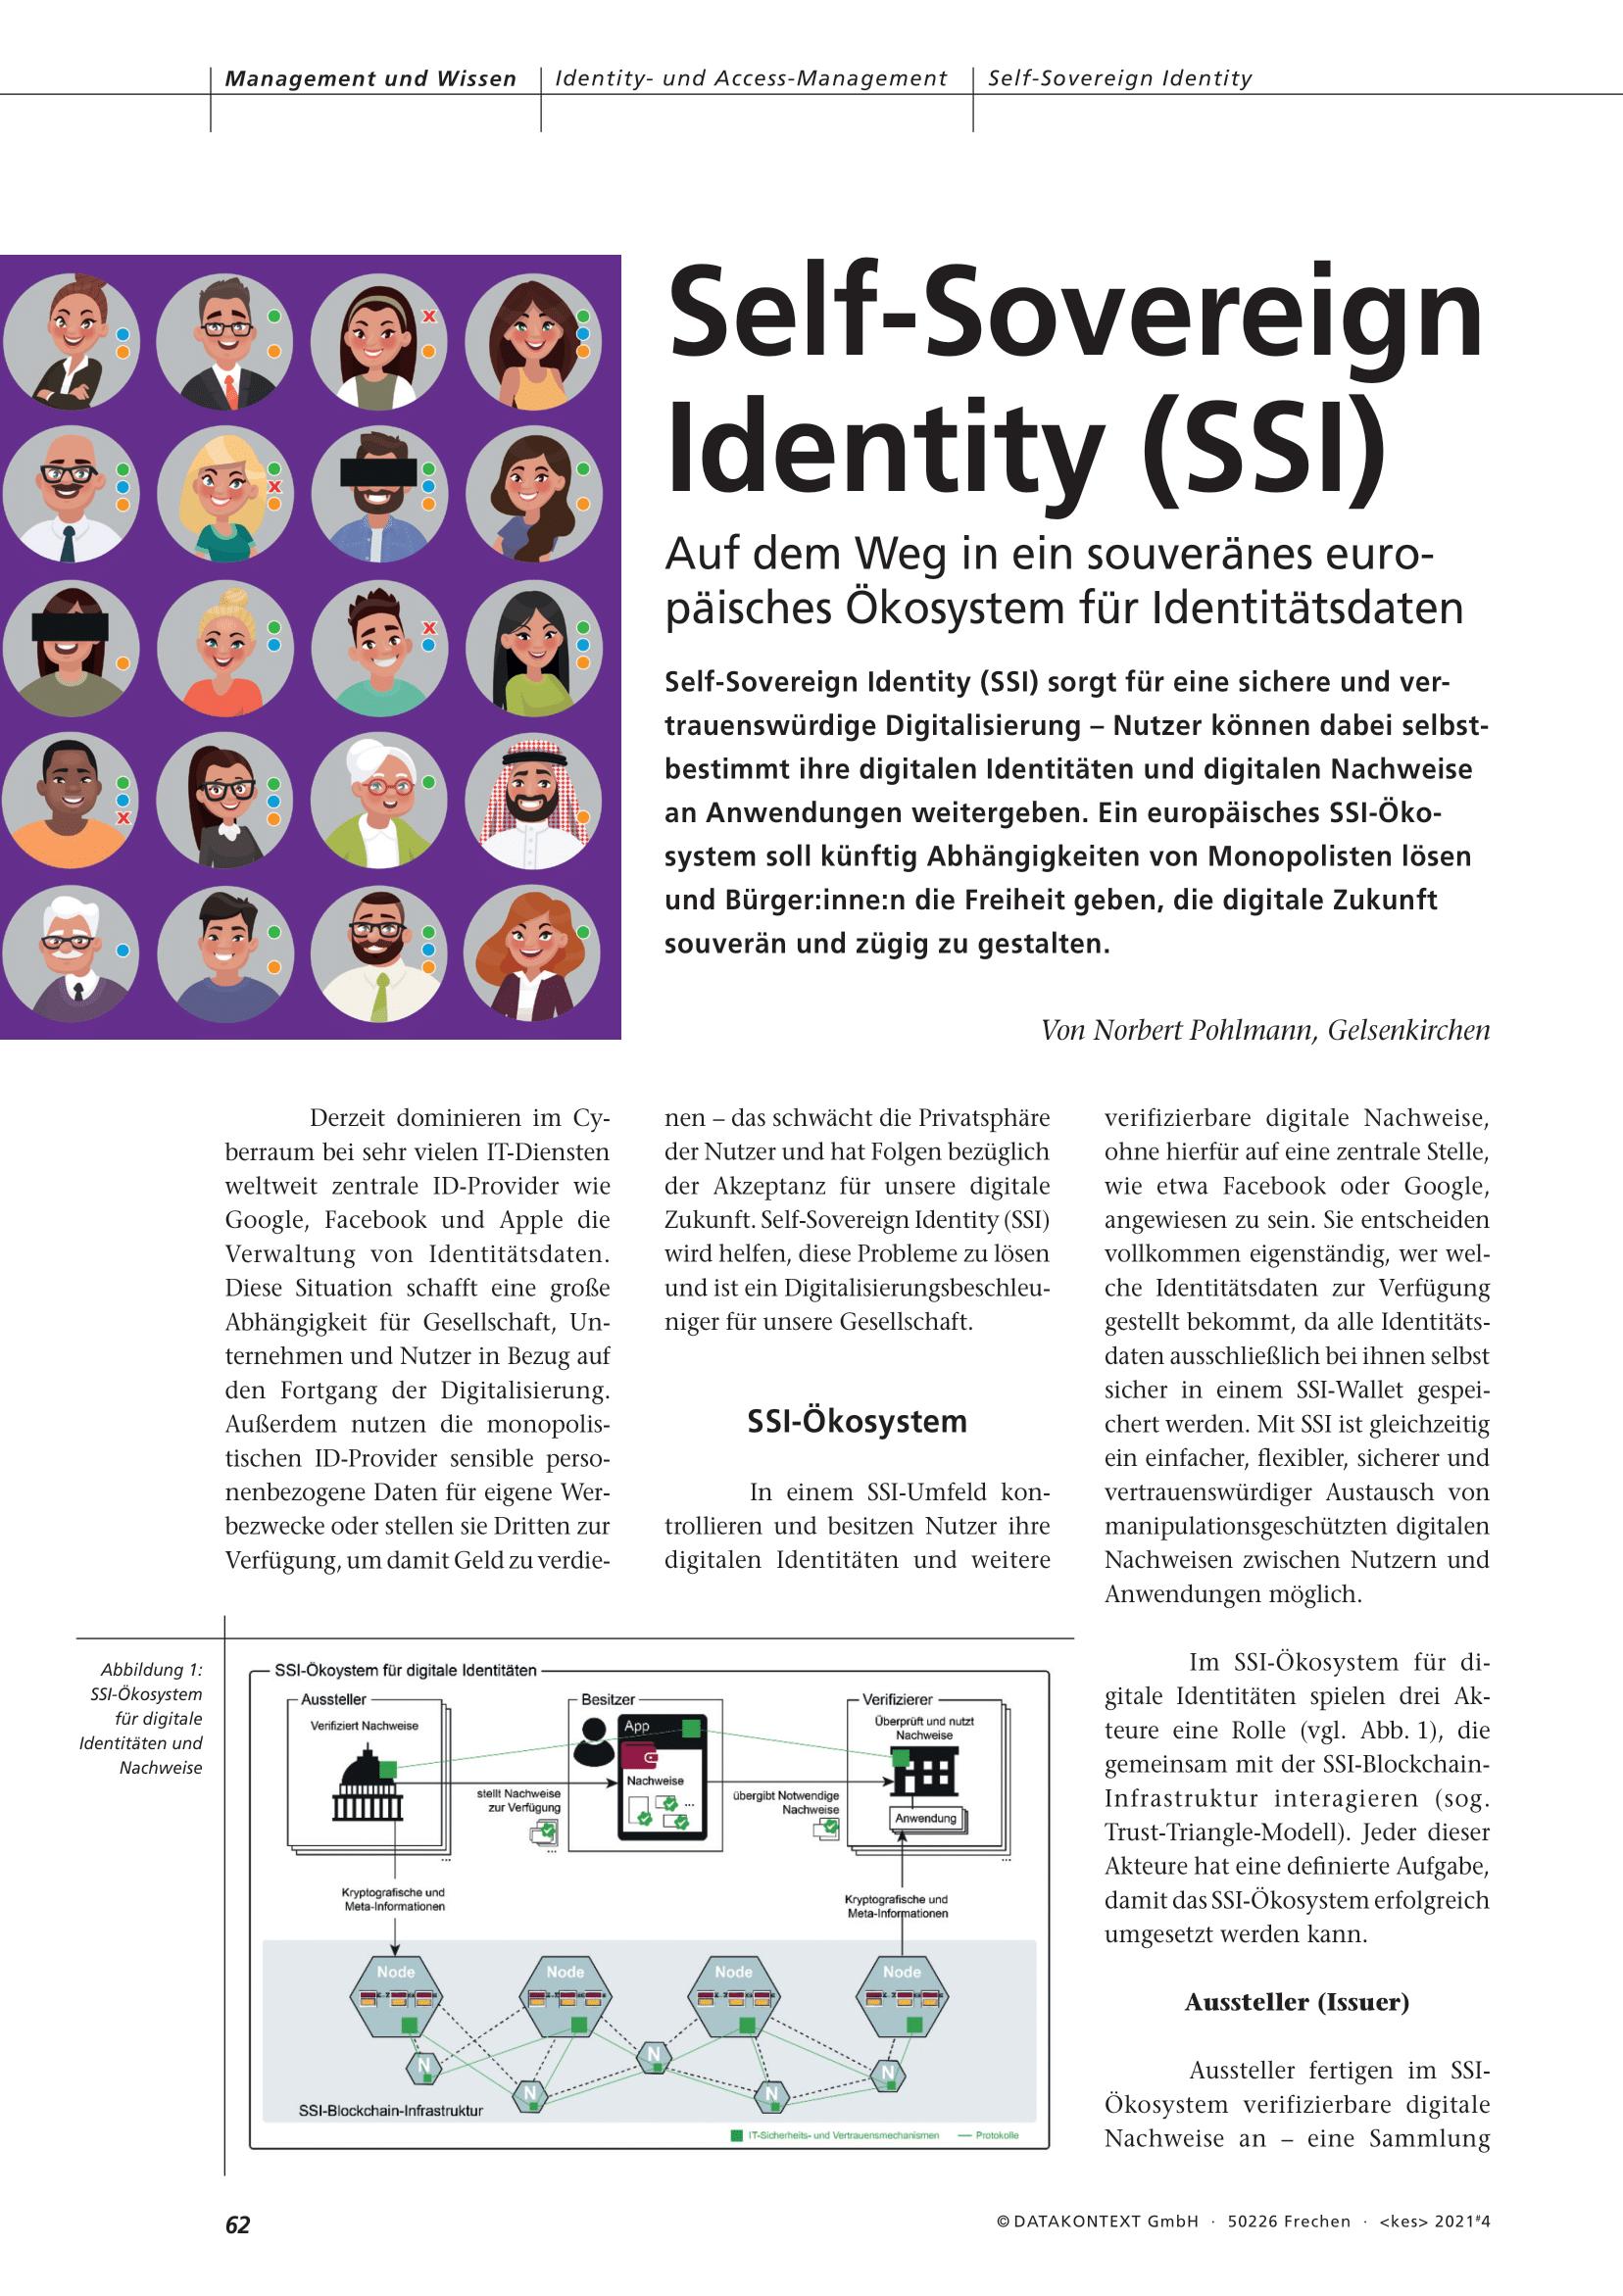 432 - Self-Sovereign Identity (SSI) - Auf dem Weg in ein souveränes europäisches Ökosystem für Identitätsdaten - Prof Norbert Pohlmann